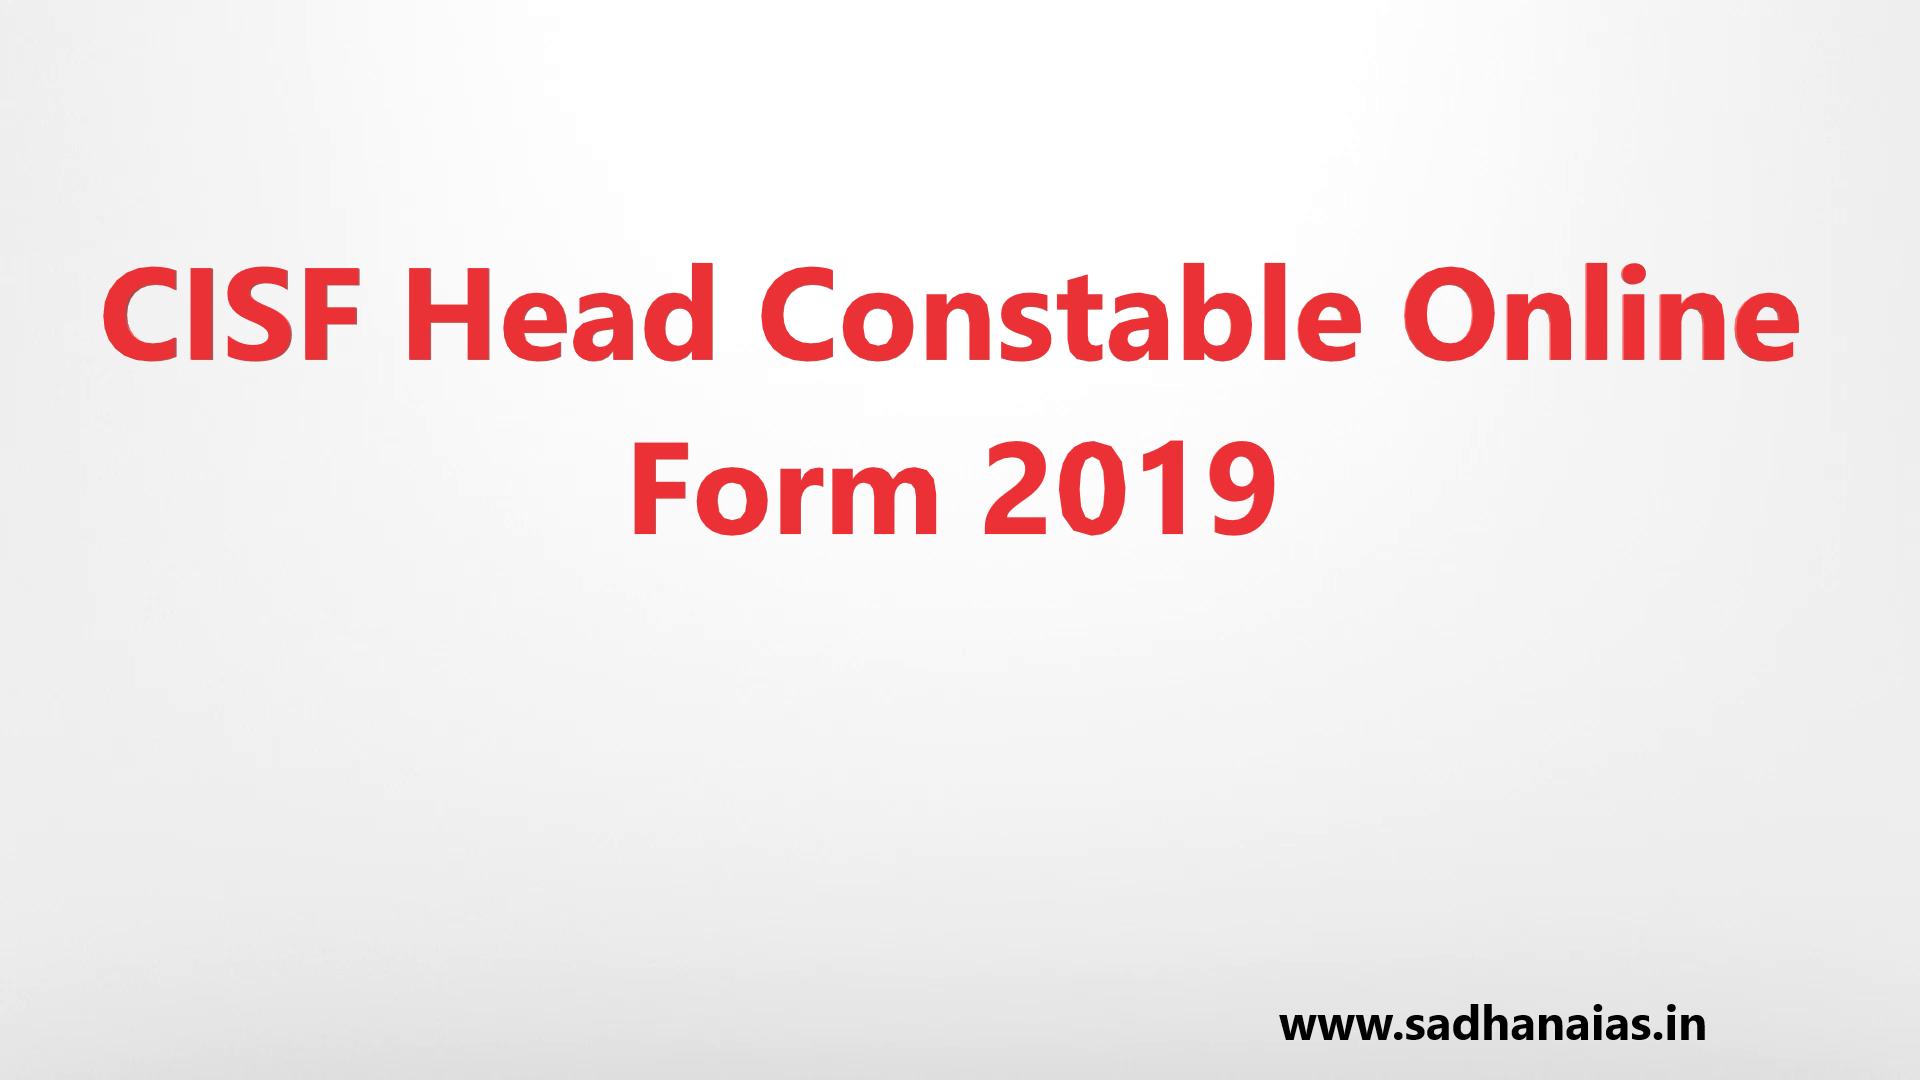 CISF Head Constable Online Form 2019